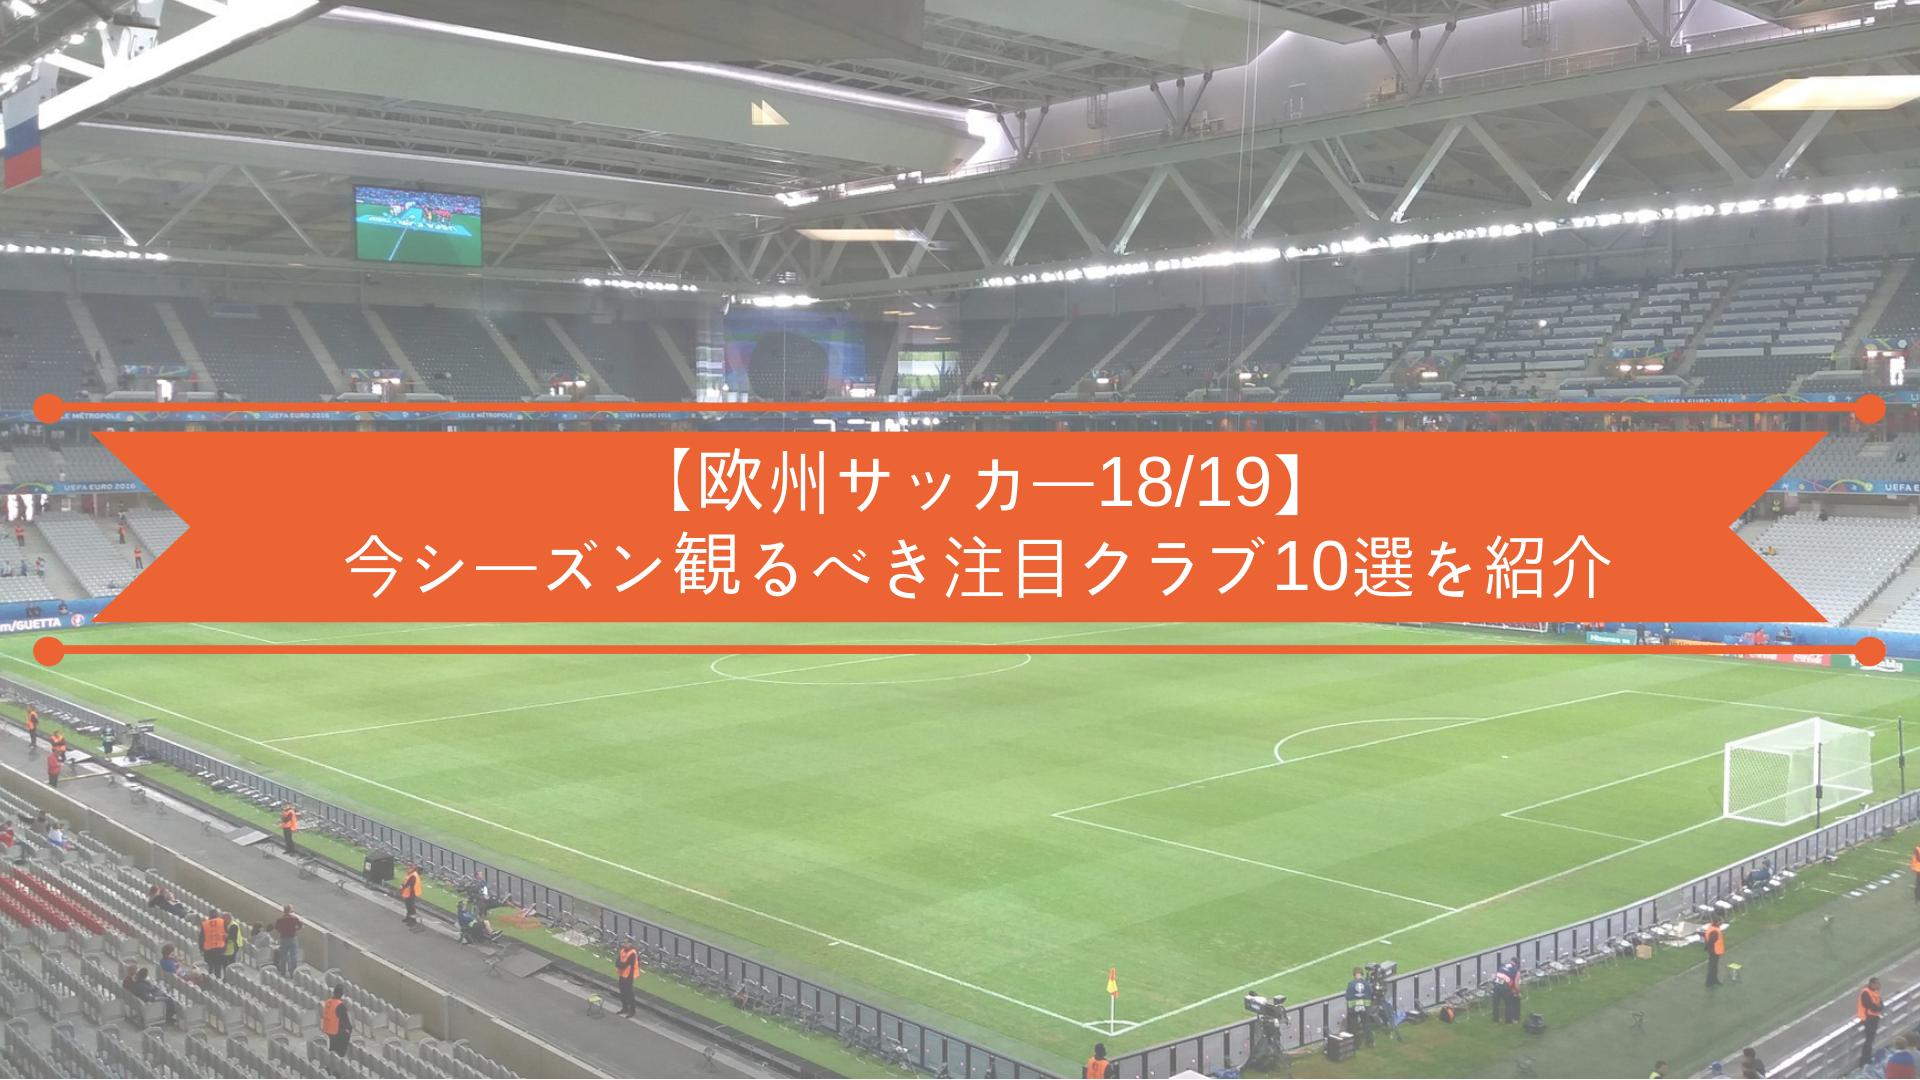 【欧州サッカー18/19】今シーズン観るべき注目クラブ10選を紹介